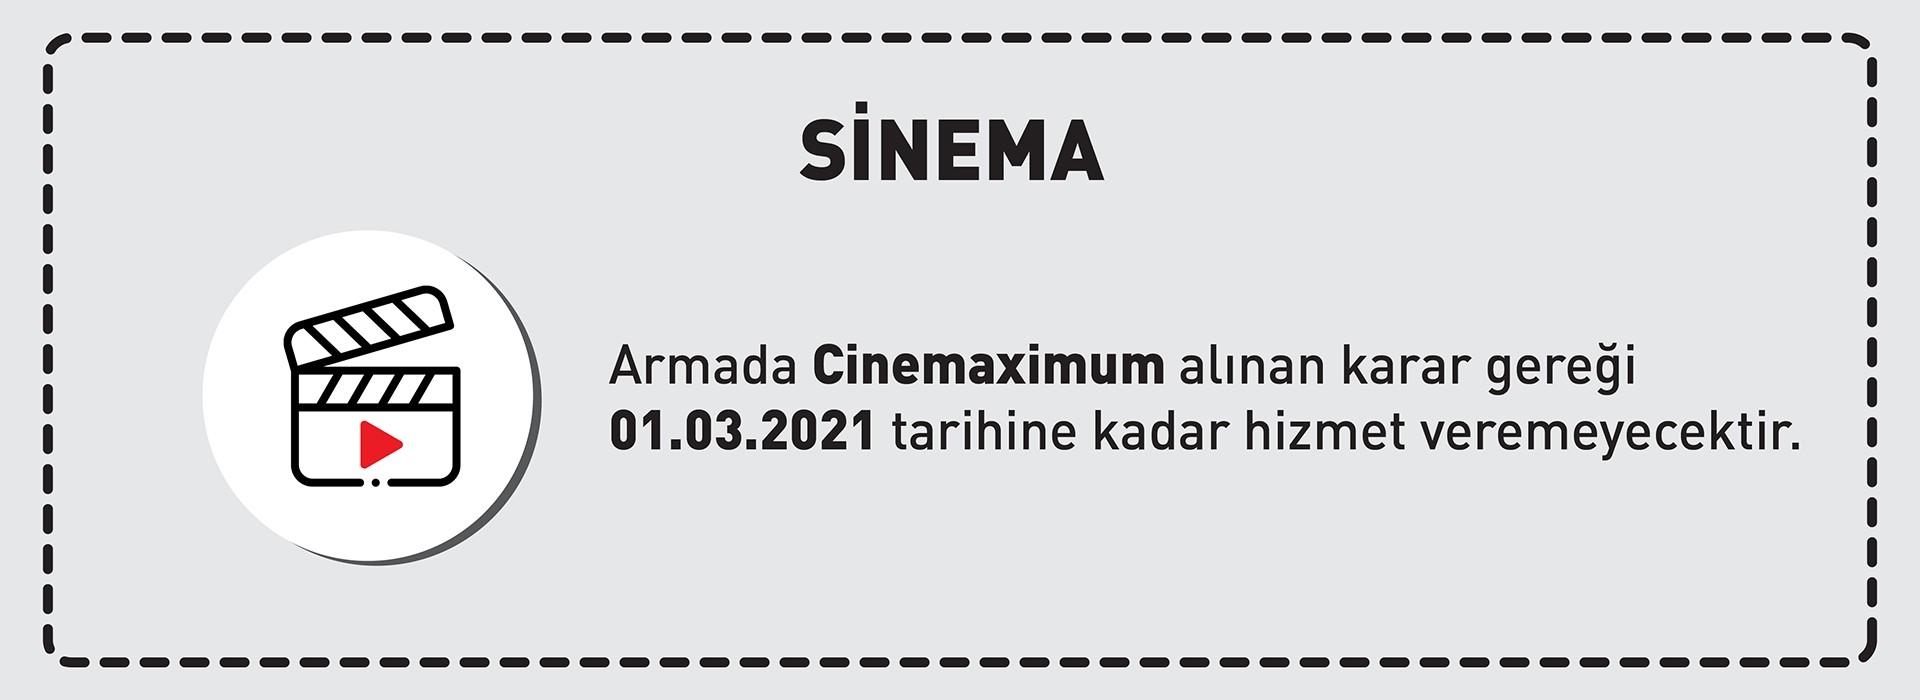 First slide [800x400]